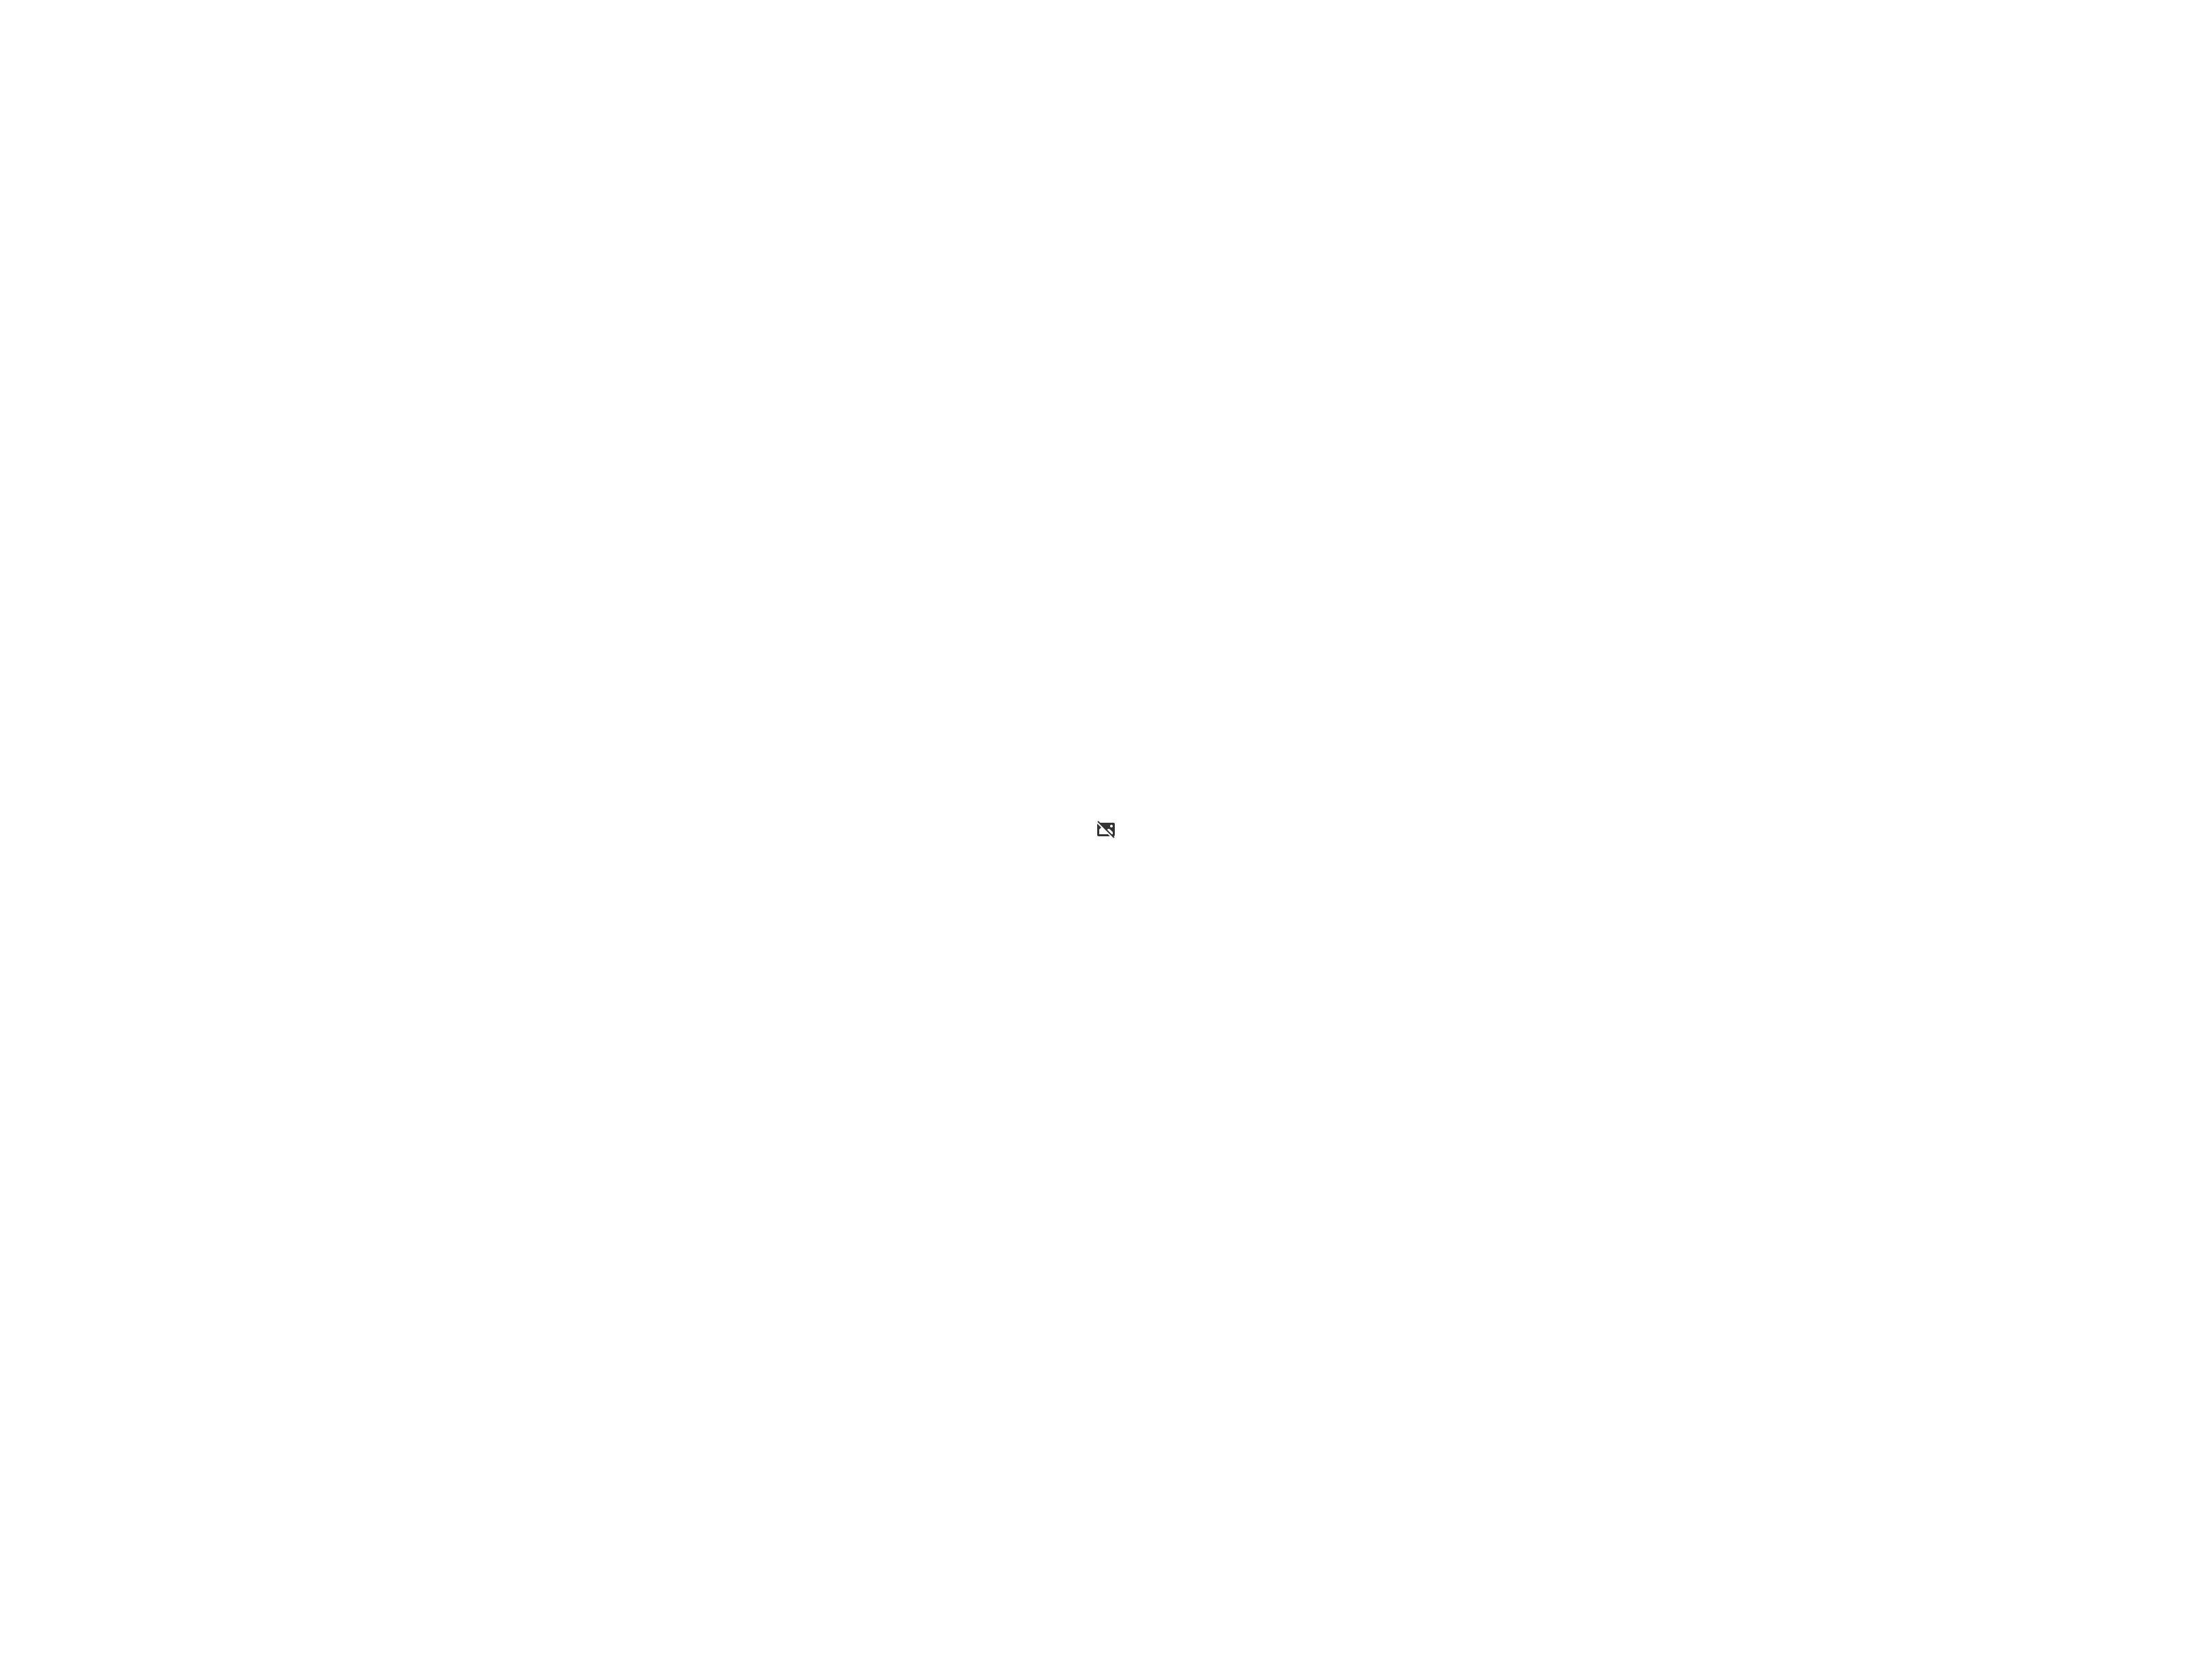 Graffiti LoL-owych bohaterów - Shaco graffiti